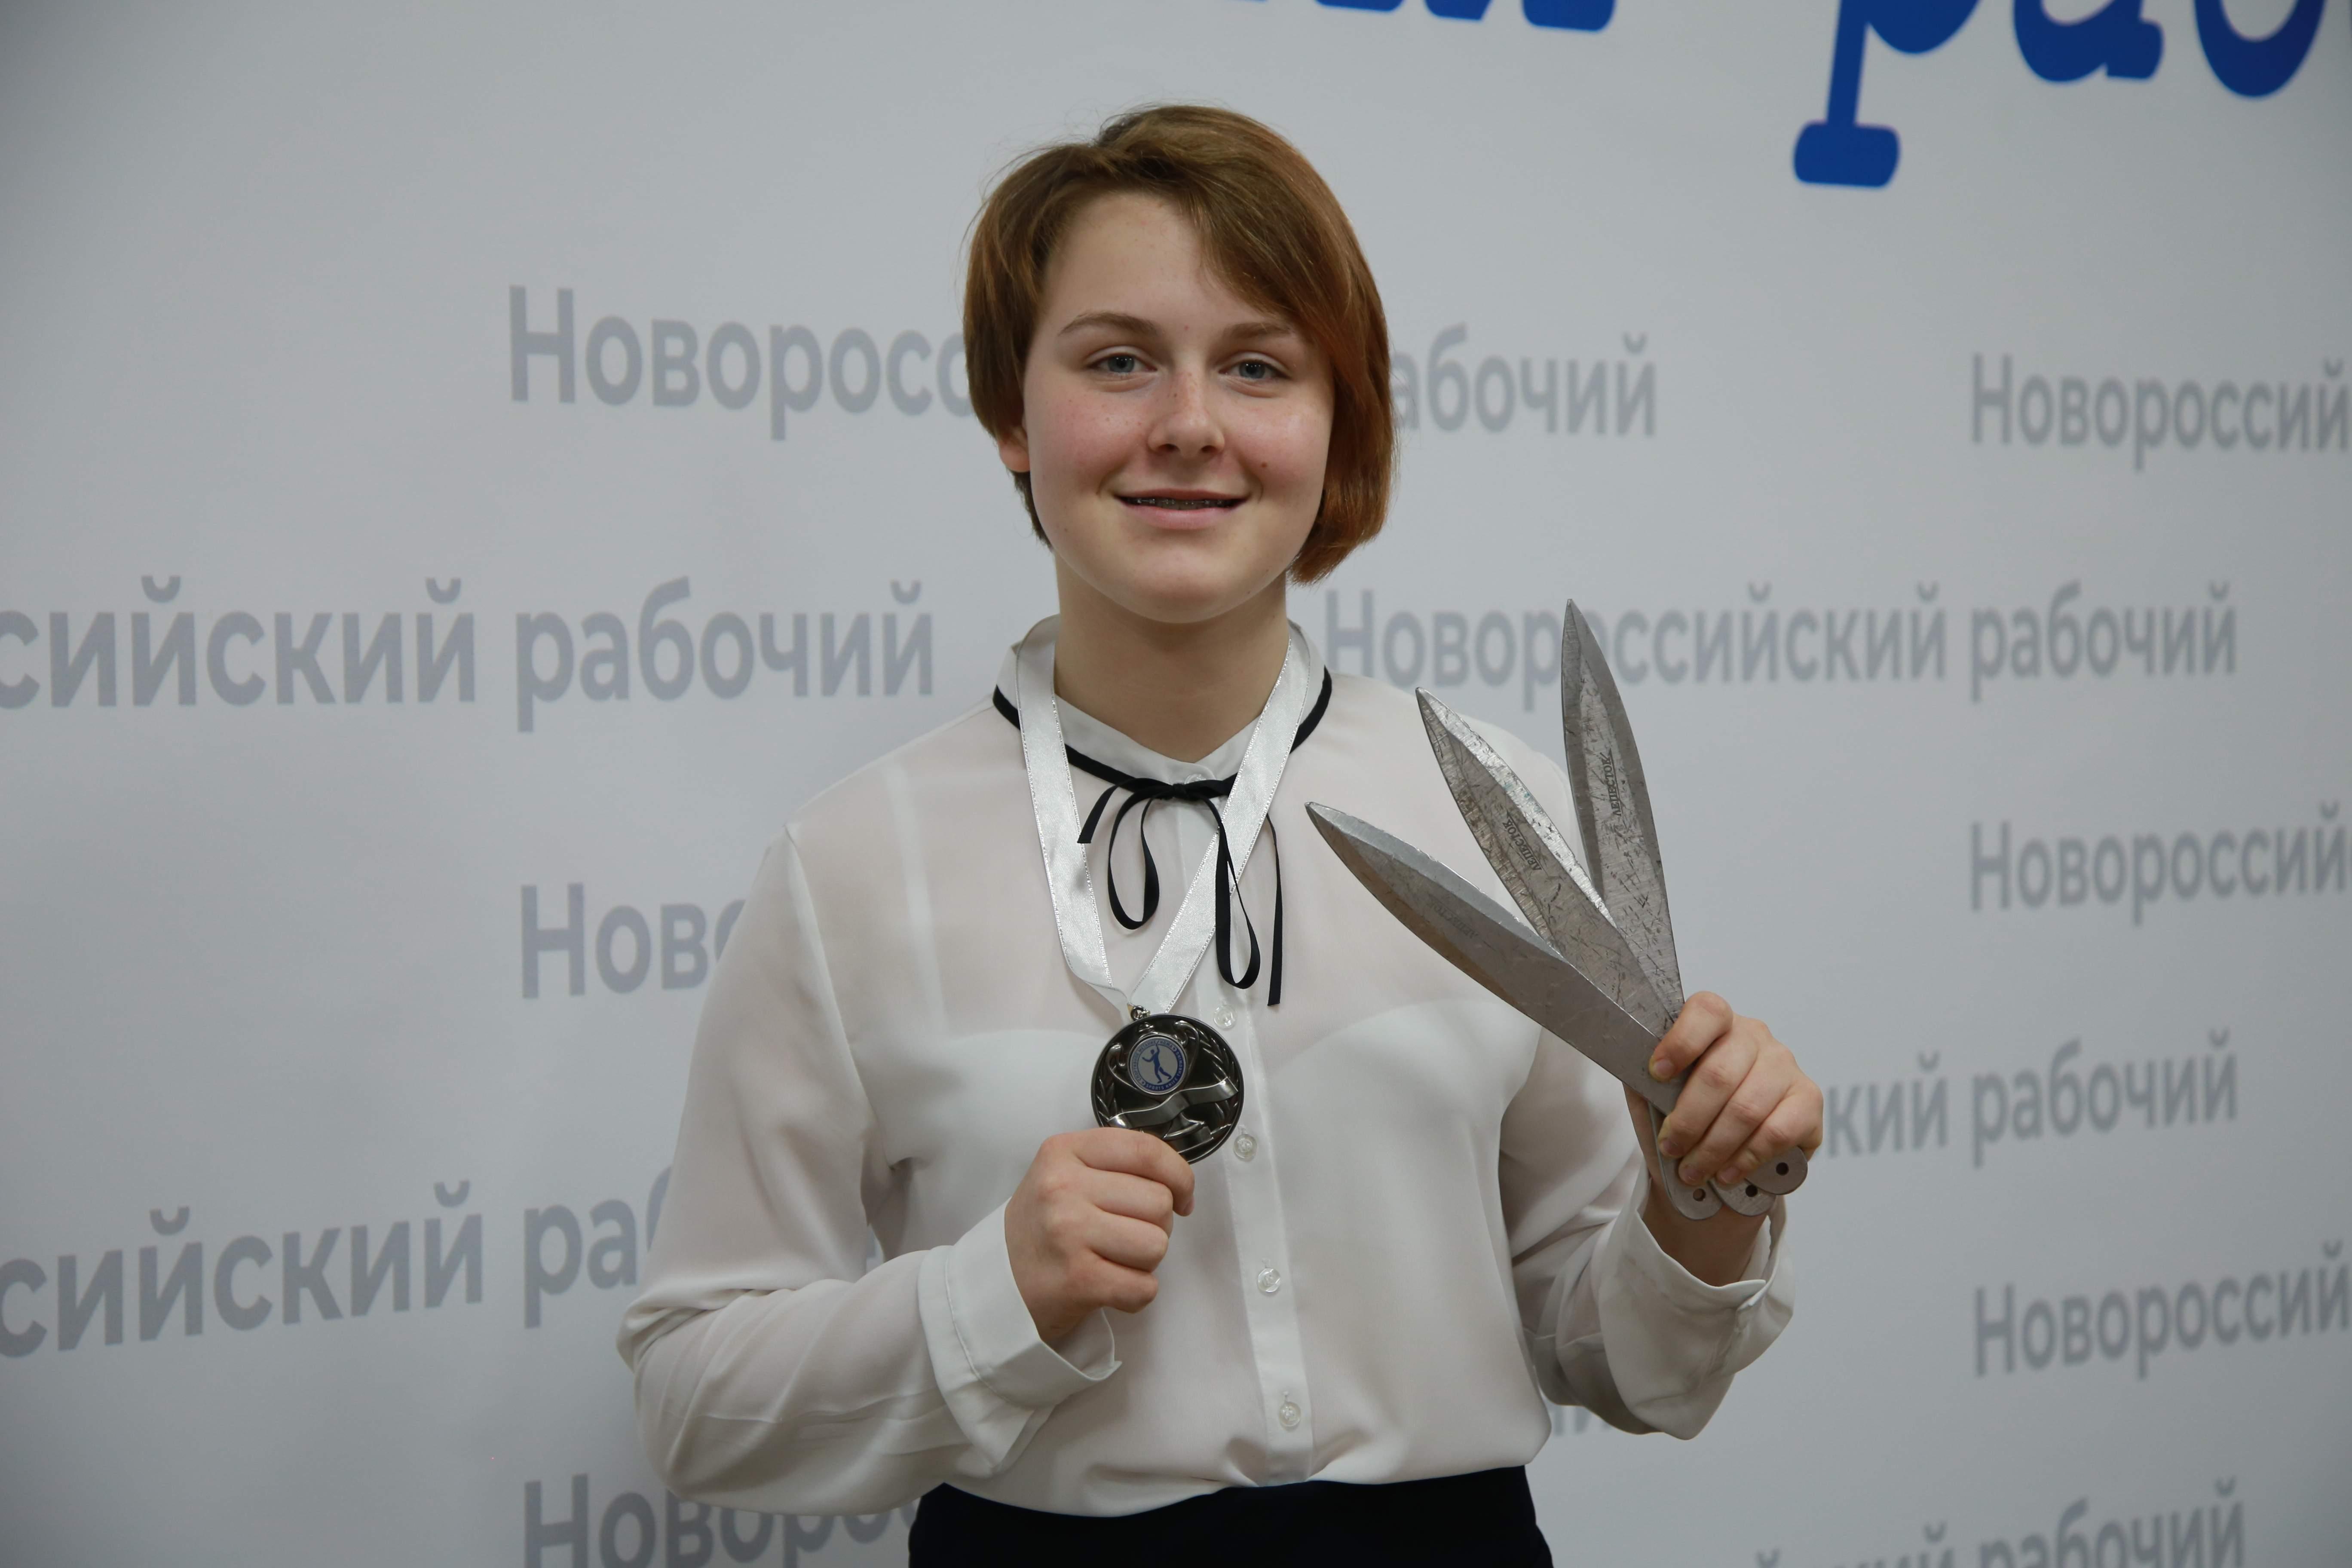 На первенстве мира по метанию ножей серебро взяла девочка из Новороссийска